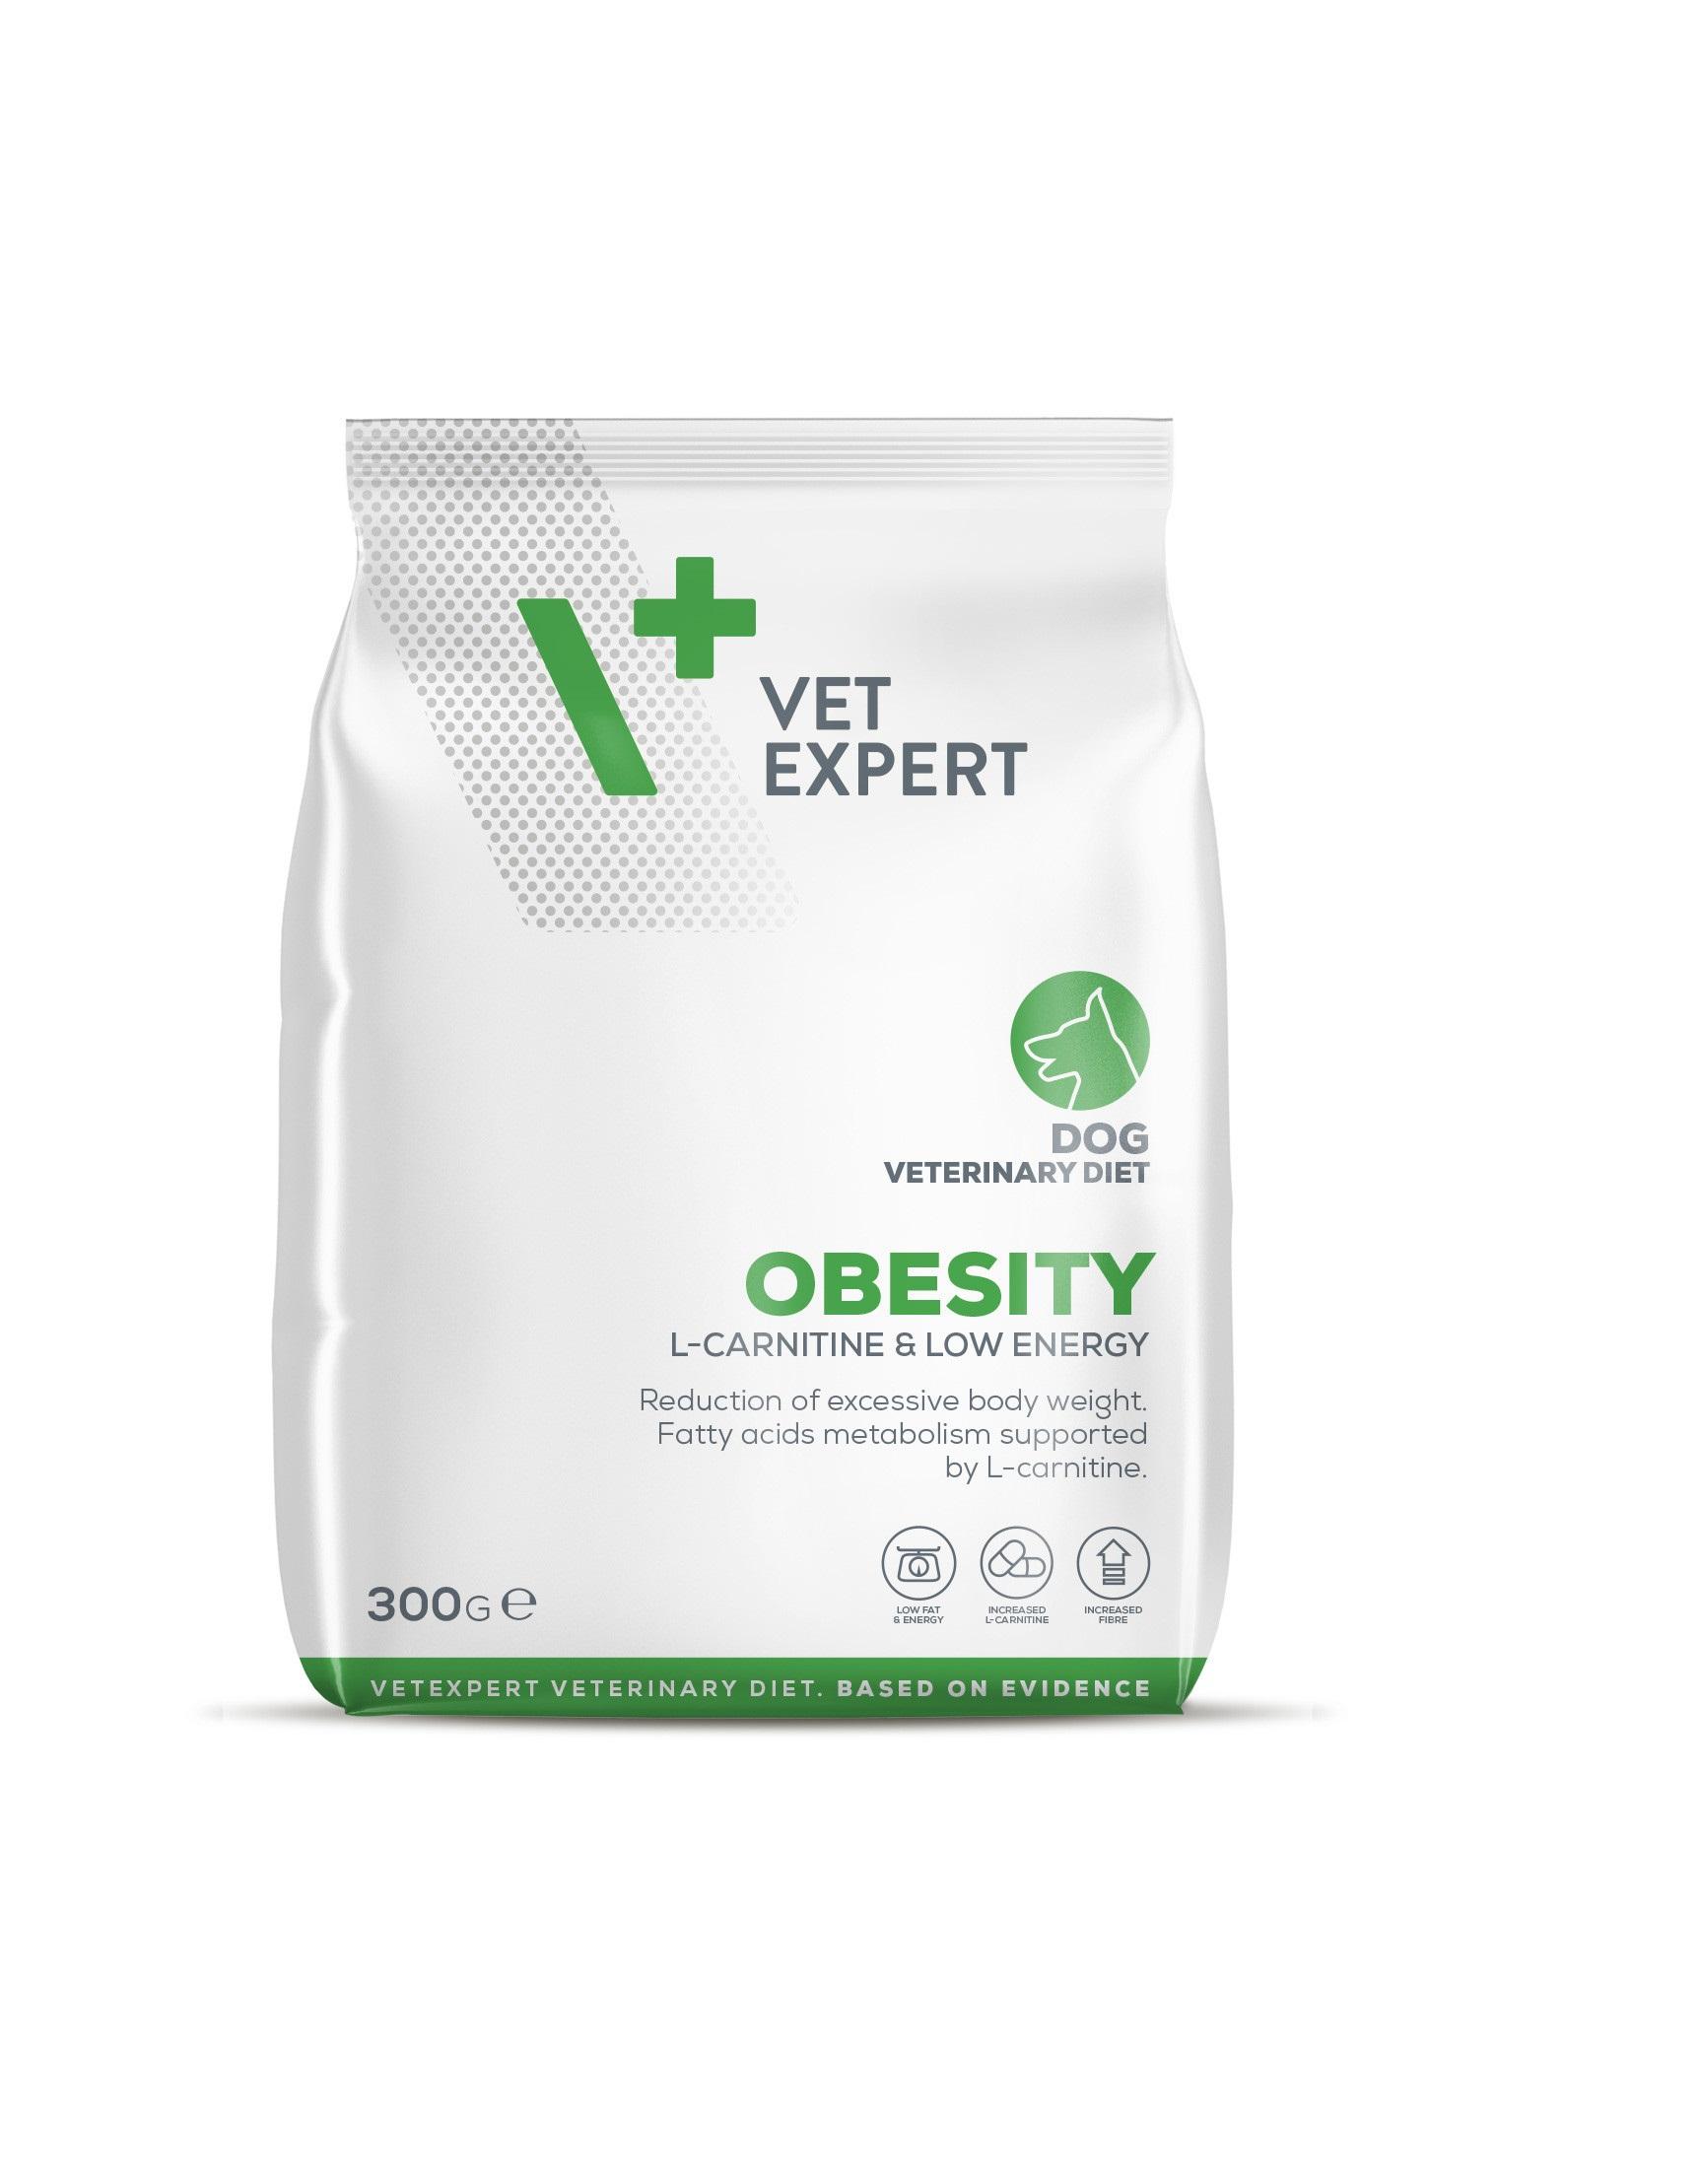 VetExpert 4T Tierärztliche Diät - Obesity – Premium Tierärztliche Diät für Hunde der an Übergewicht leidenden, Diätfutter, Tierärztliche Diät, Adipositas, Diabetes mellitus, Hyperlipidämie, Faserresponisve Colitis, Obstipation, einhergehenden Erkrankungen, kalorienreduziert.